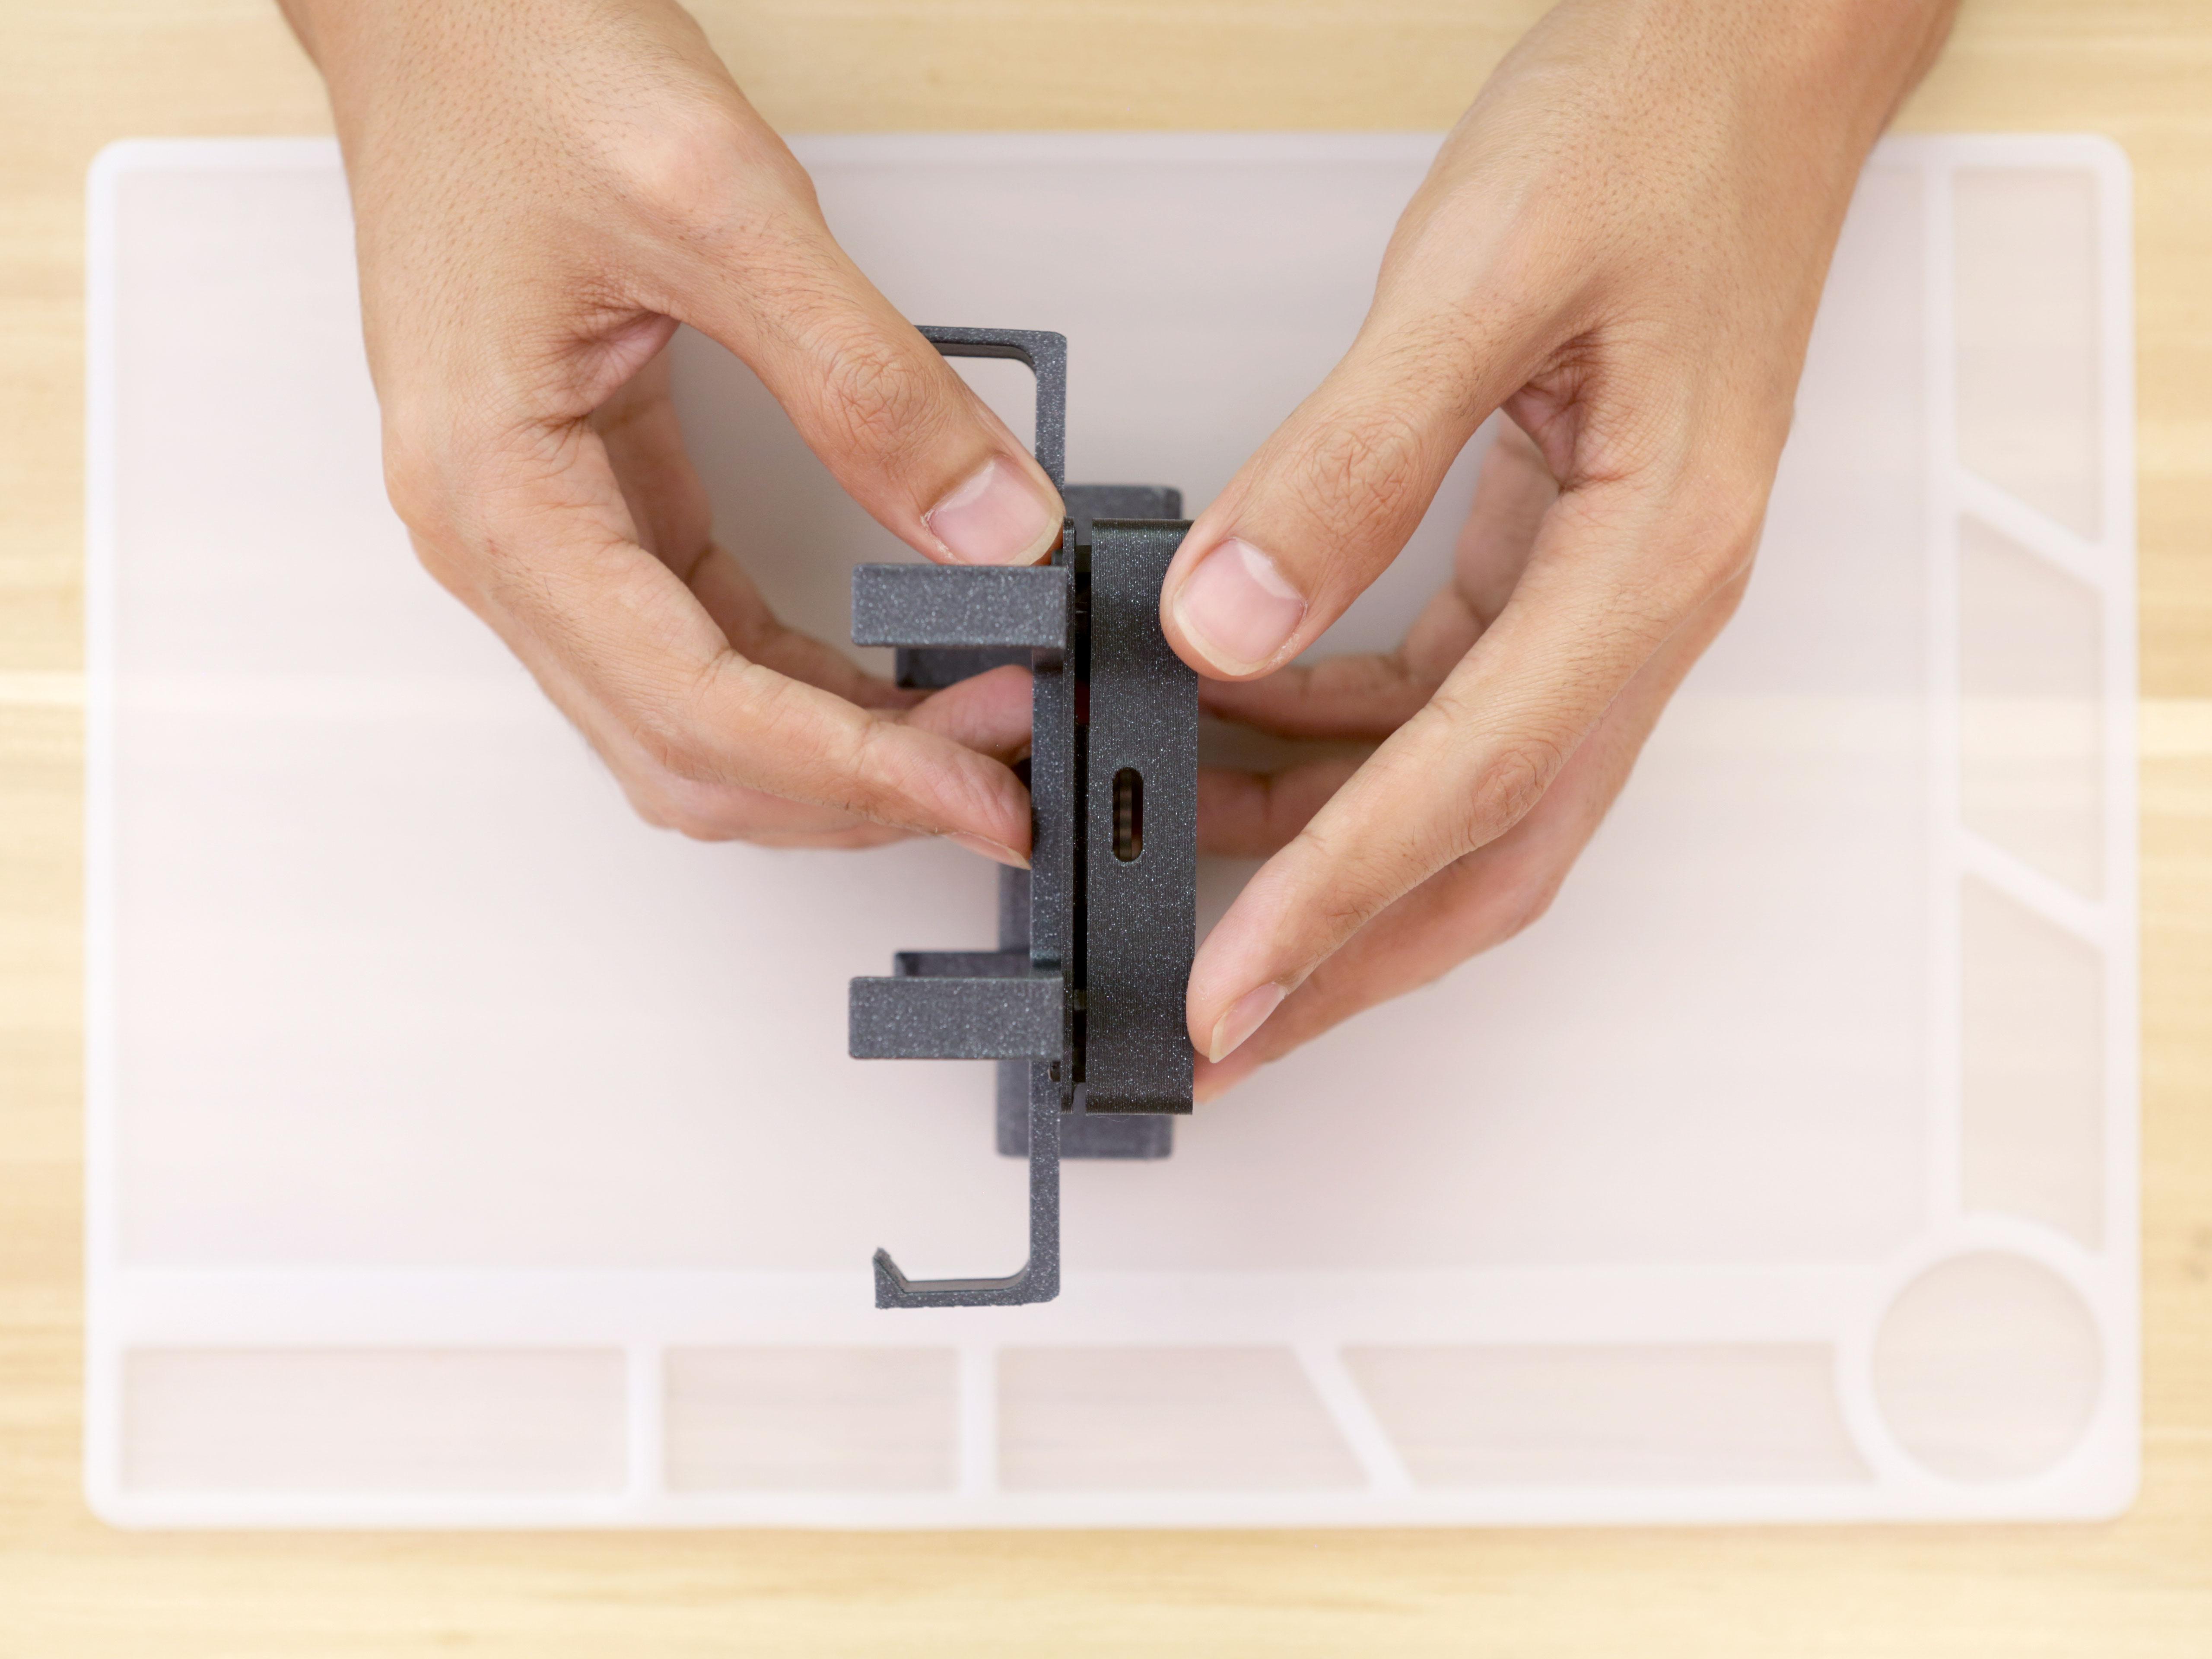 3d_printing_tripler-case-install.jpg